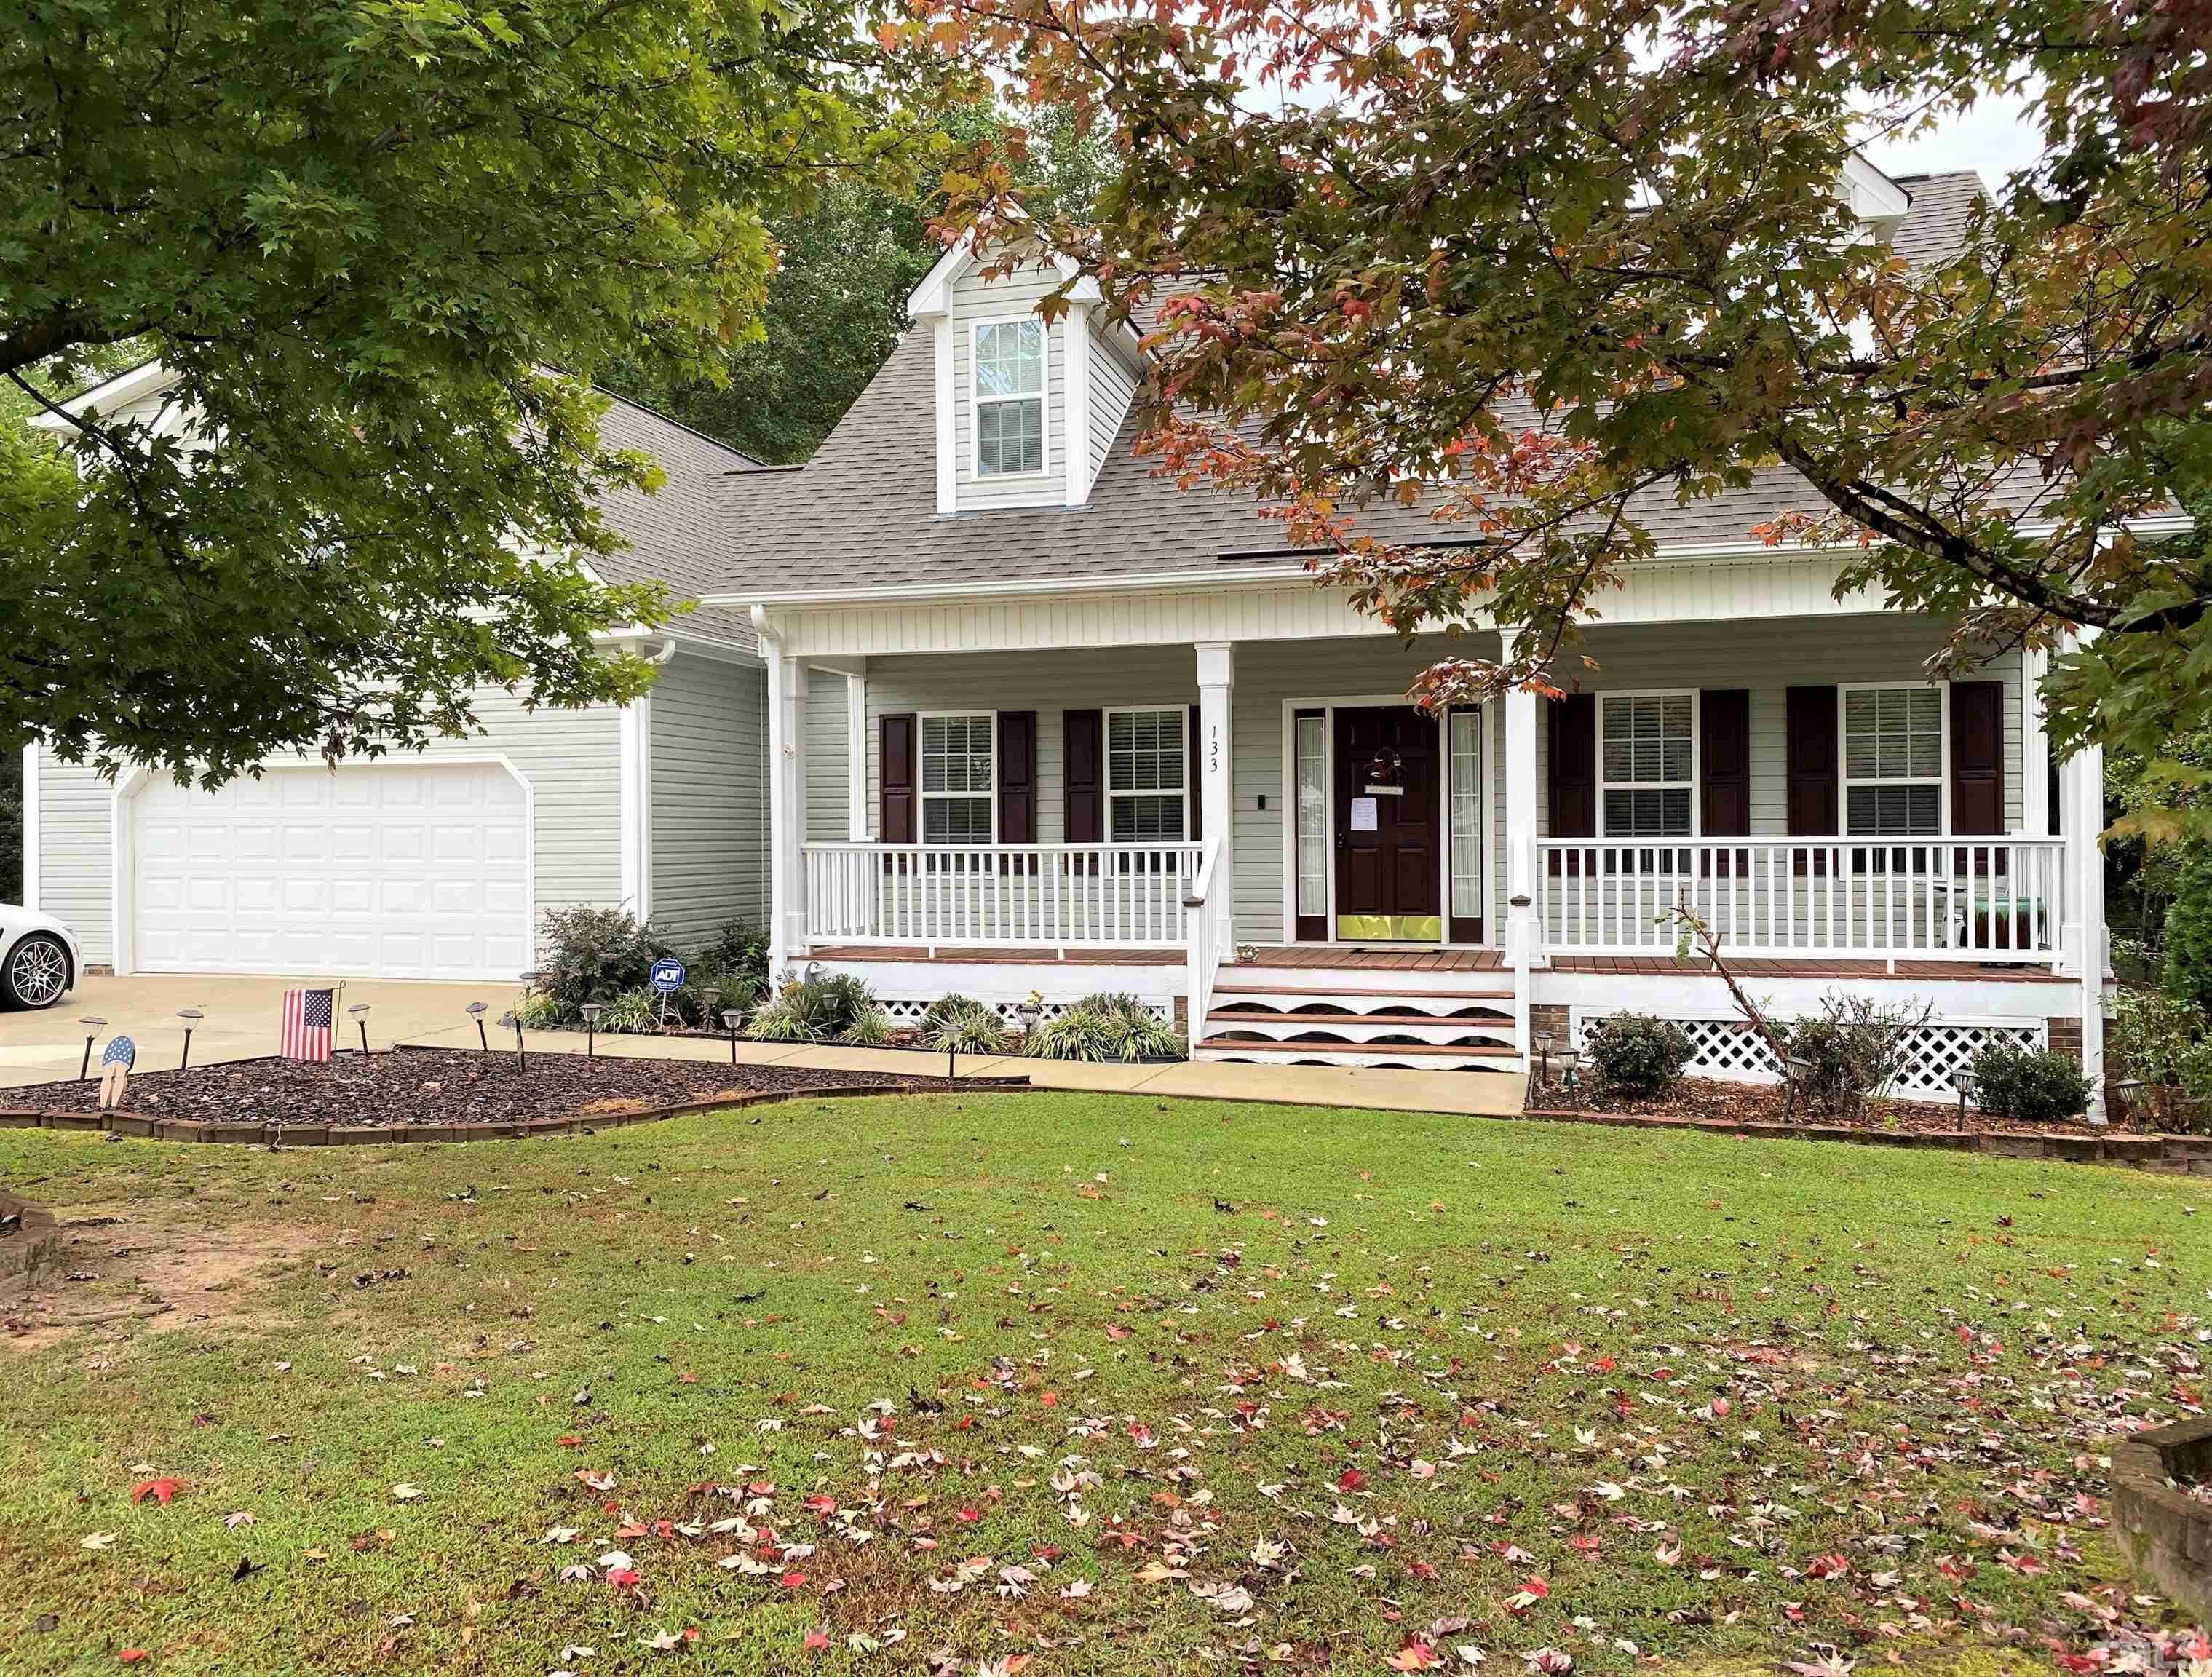 $419,000 - 4Br/3Ba -  for Sale in Jordan Ridge, Garner